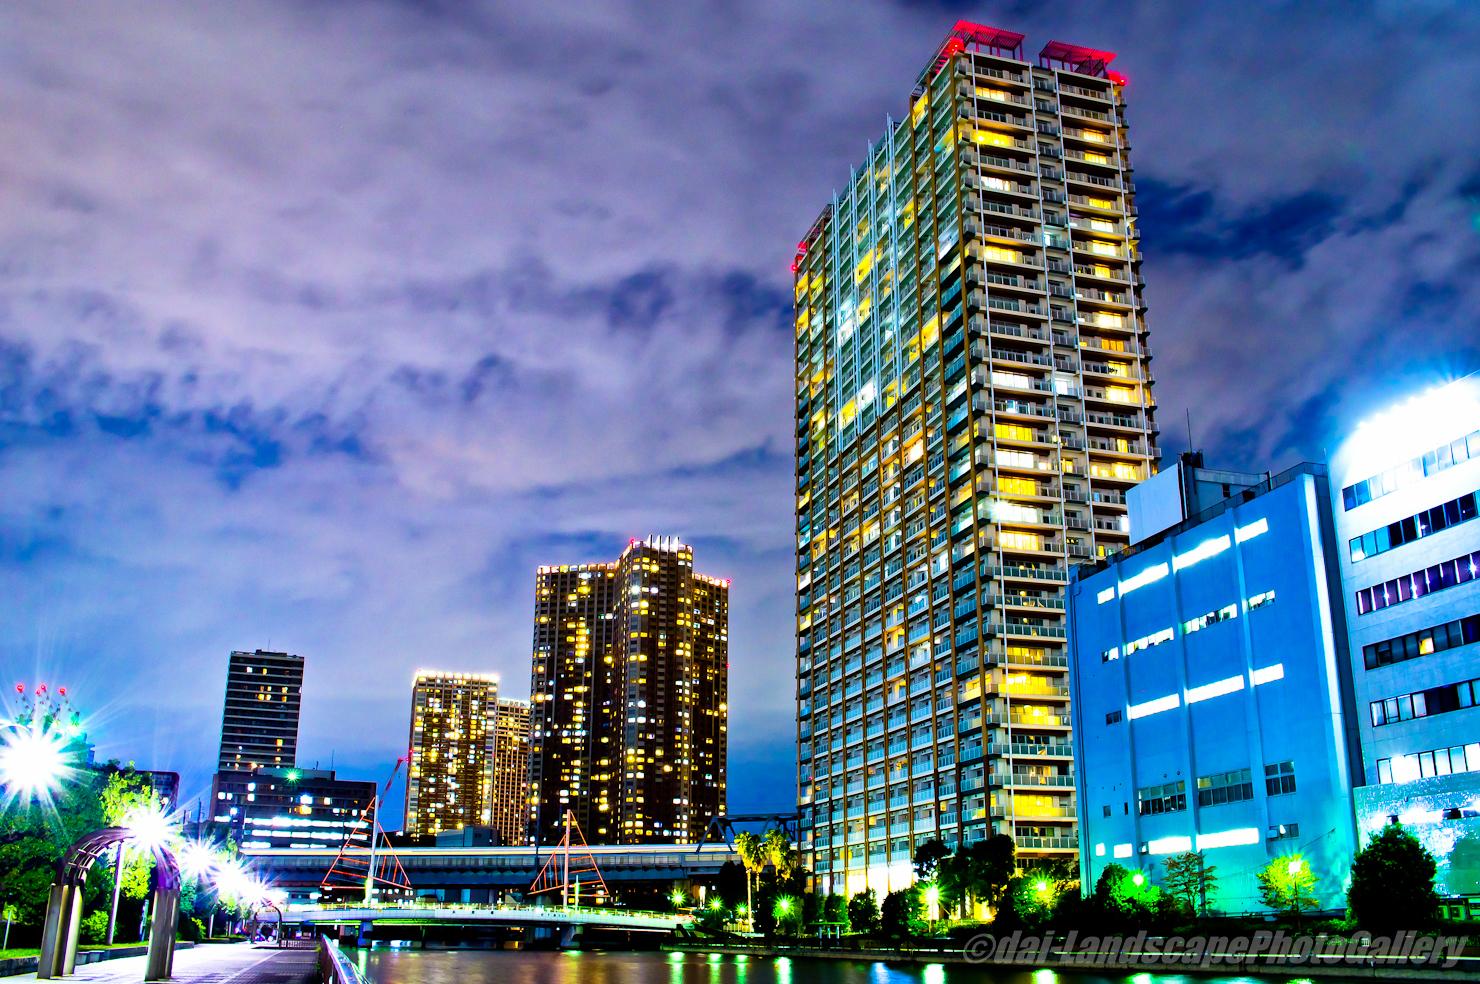 高浜運河沿いの夜景